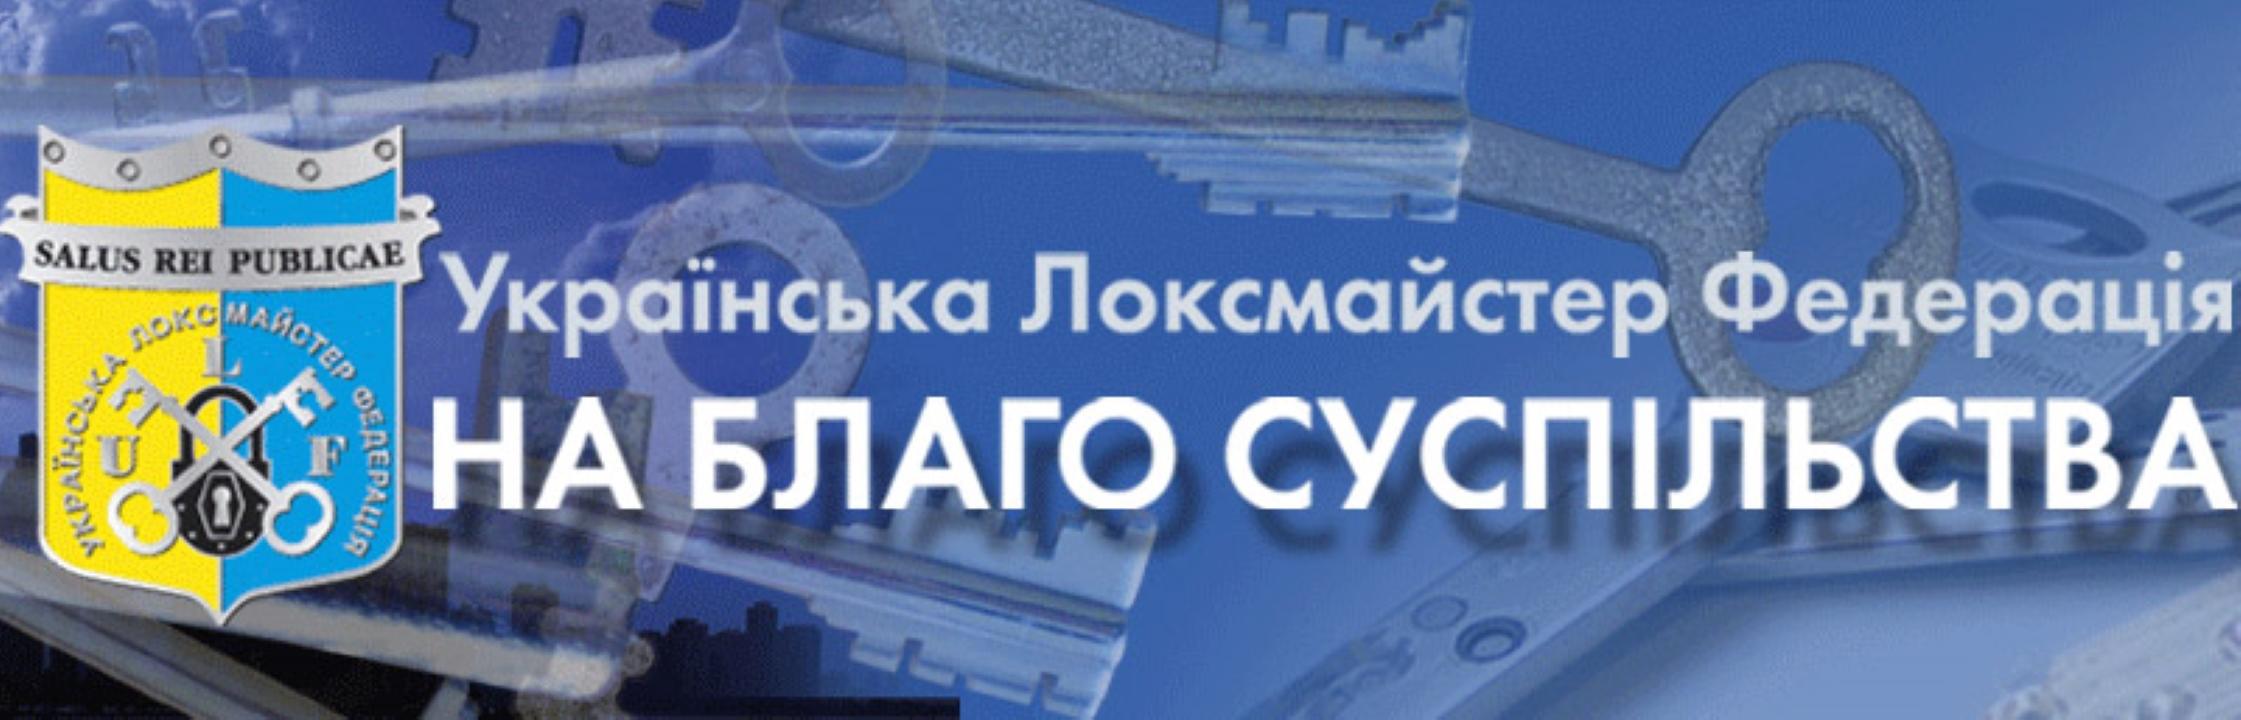 Українська Локсмайстер Федерація - своєрідний «ревізорор» у галузі безпеки!